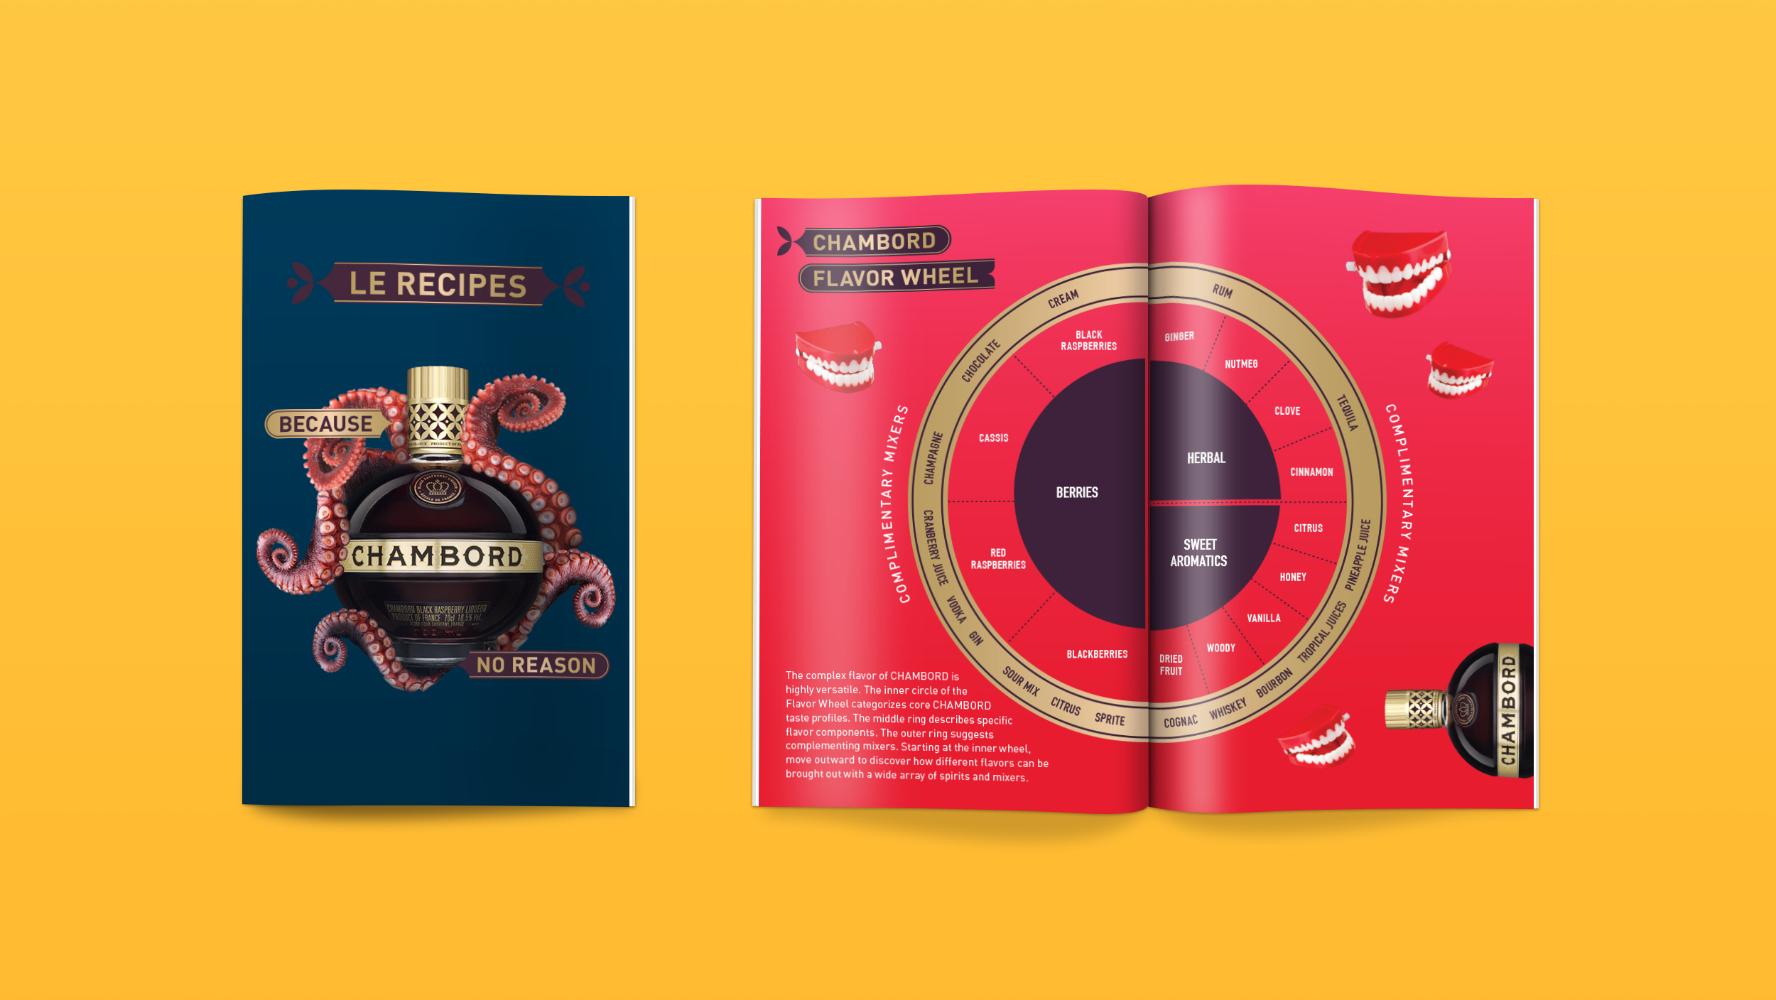 Chambord Recipe Book